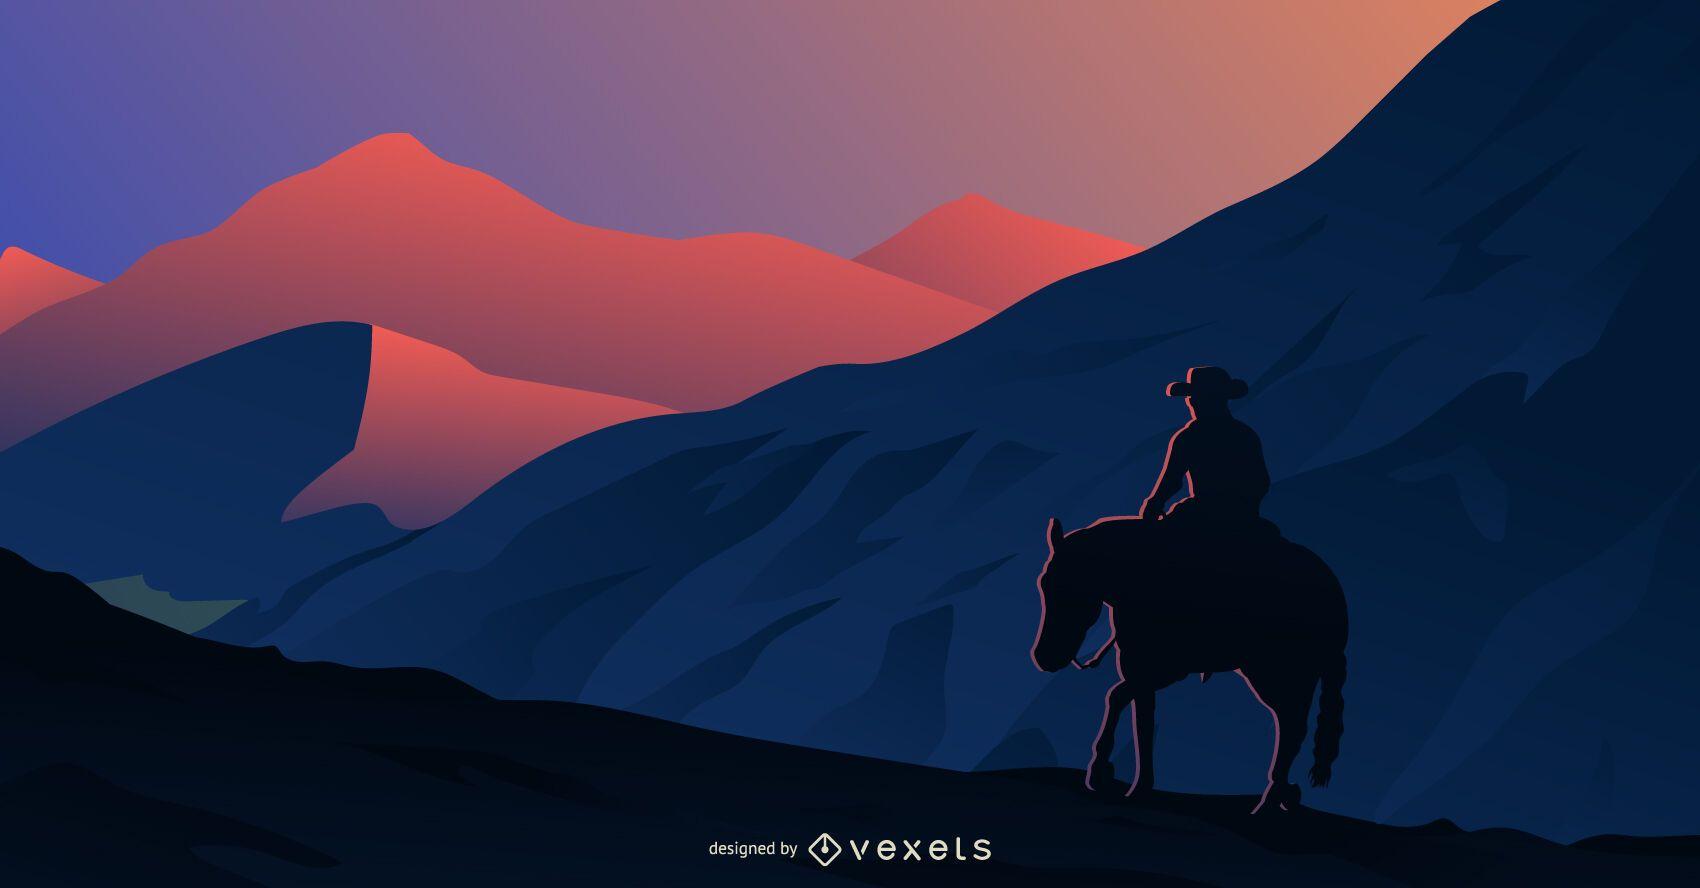 Passeio ao pôr do sol com silhueta de cowboy